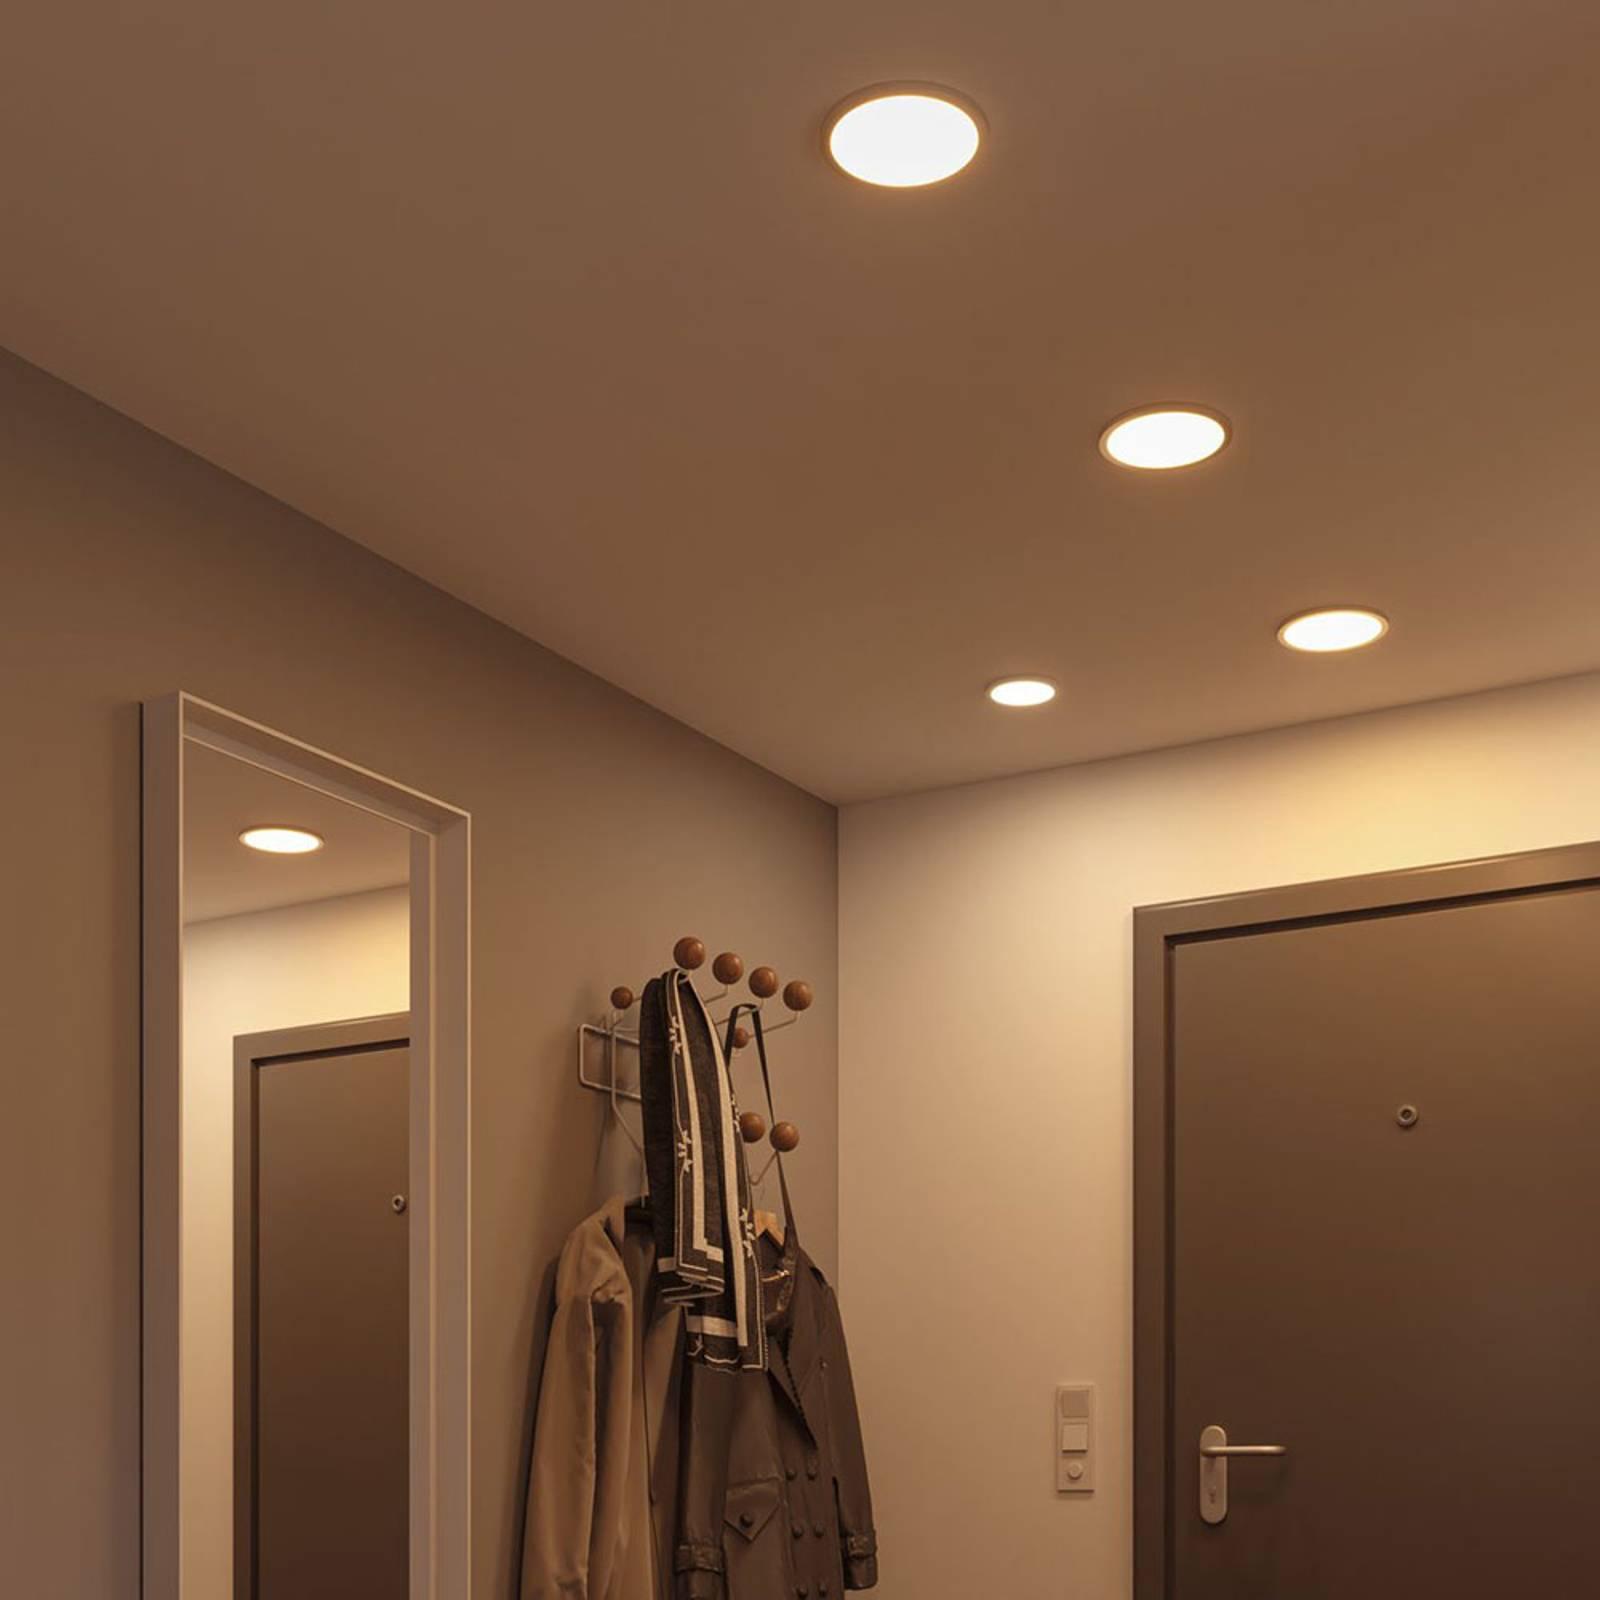 Paulmann-LED-paneeli Areo pyöreä valkoinen 17,5 cm